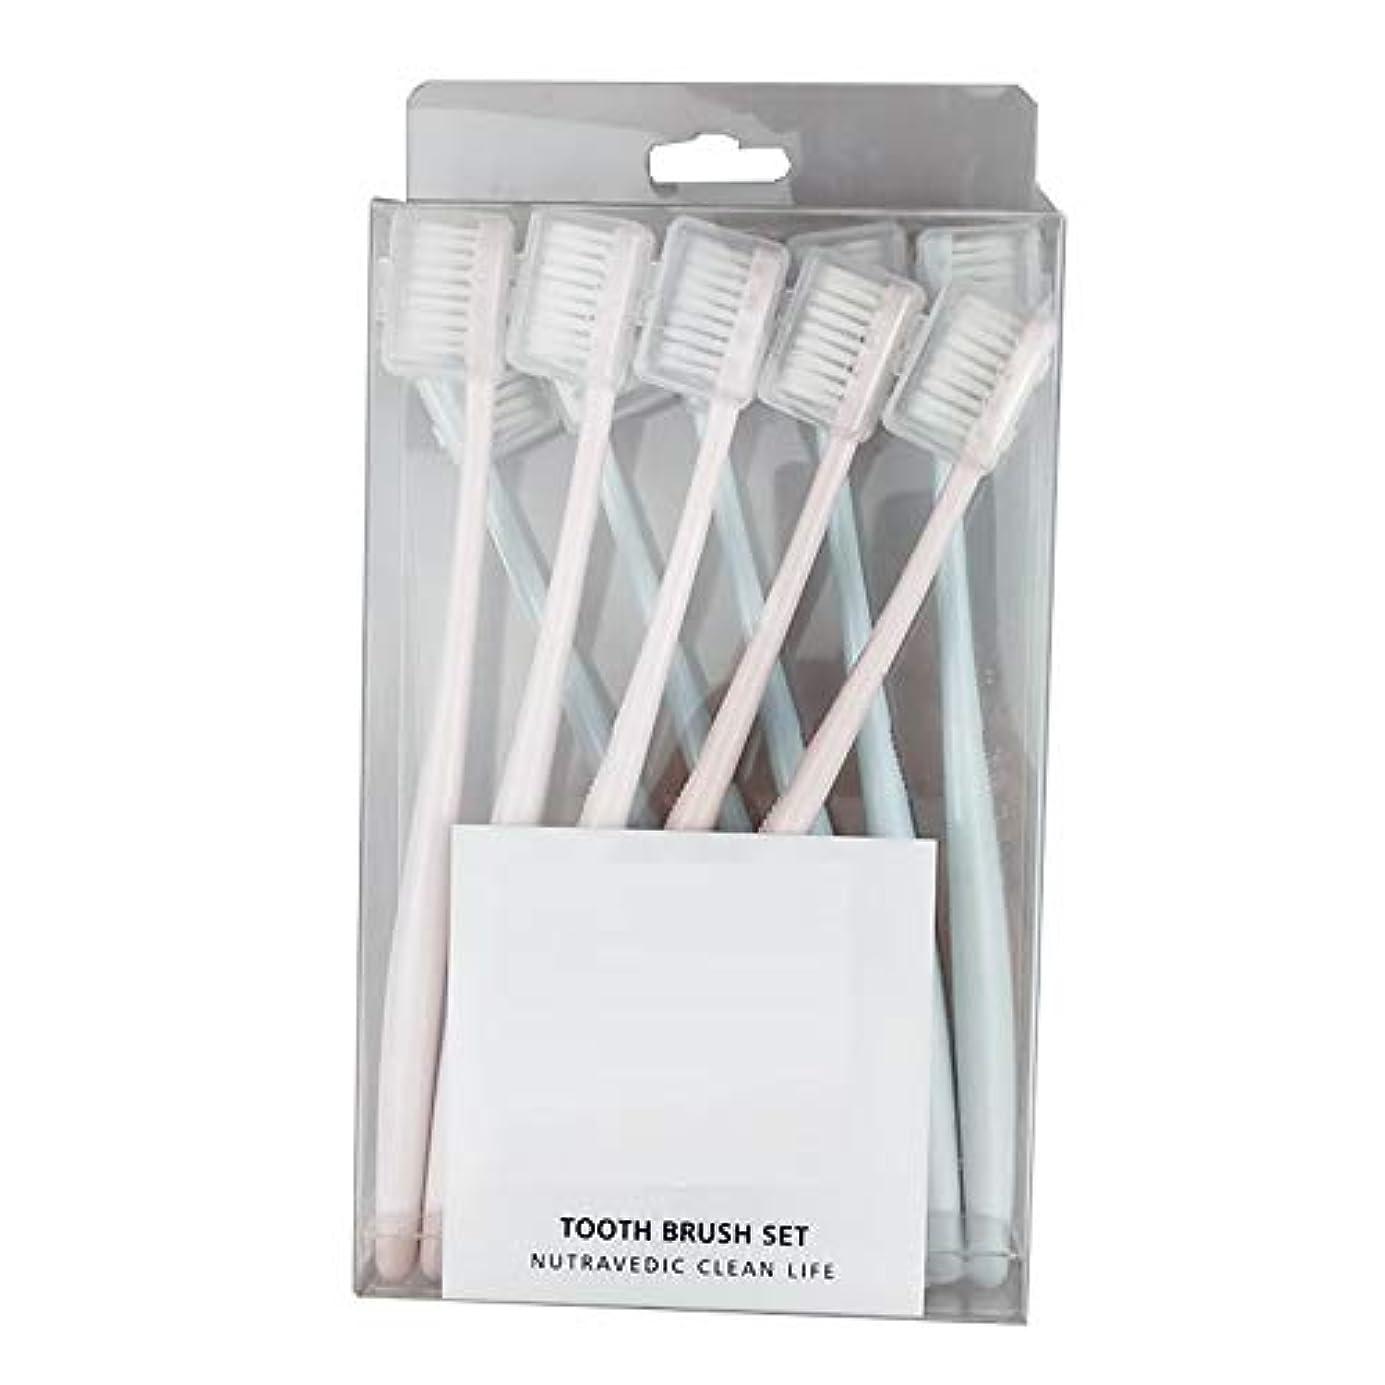 モード誰か昇る歯ブラシ 竹炭歯ブラシ、アダルトソフト歯ブラシ、活性炭ホワイトニング - 使用できるスタイルの3種類 HL (サイズ : A - 10 packs)